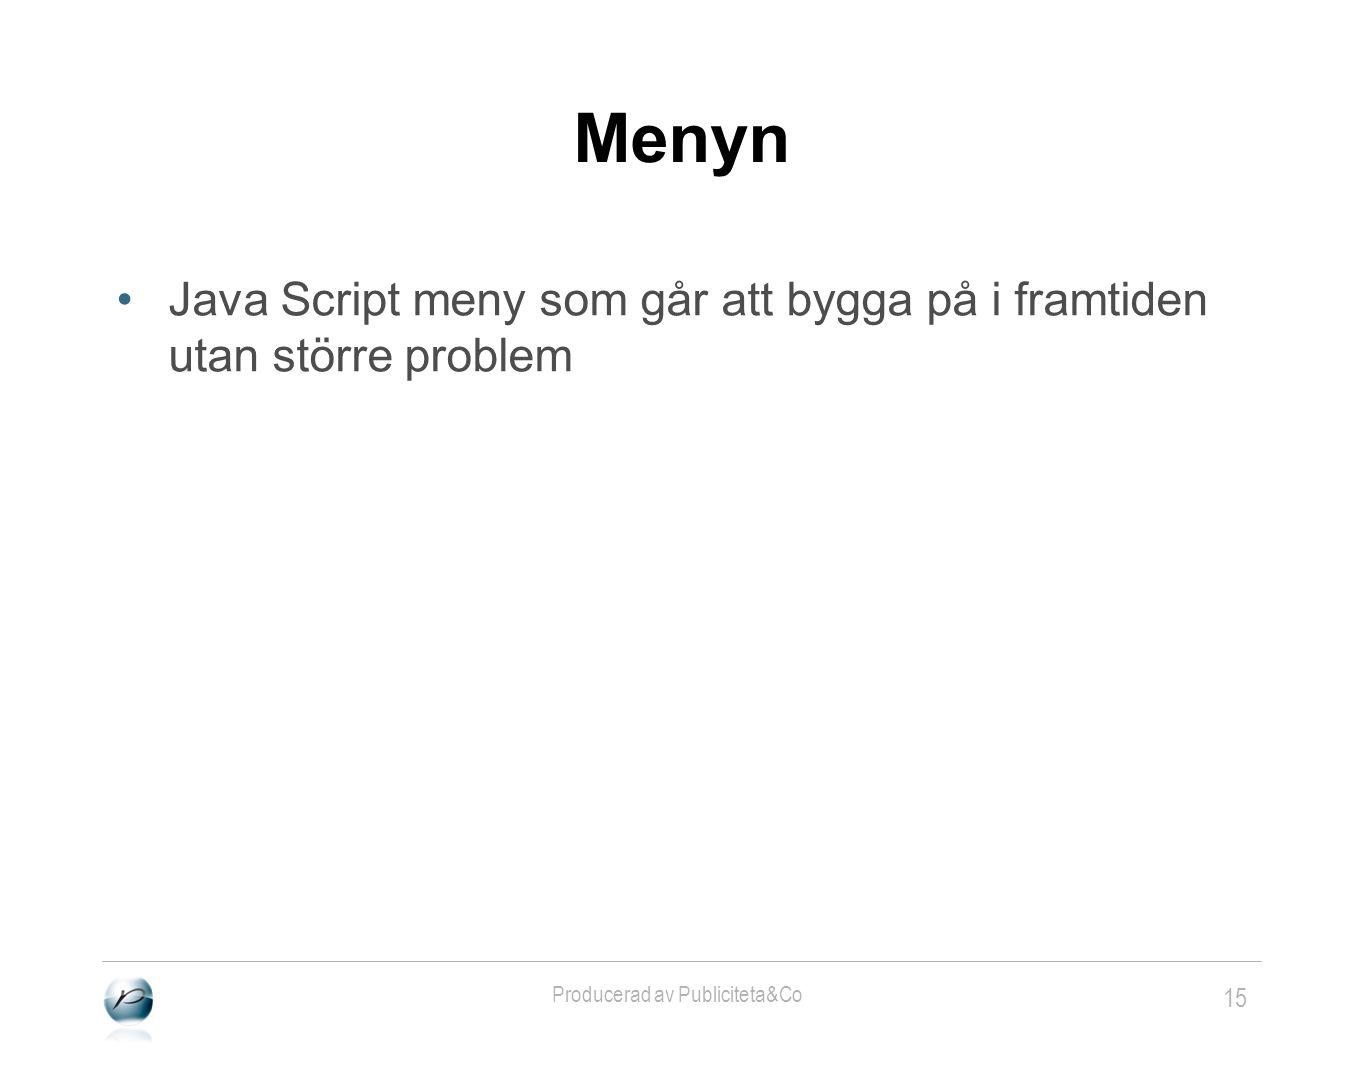 15 Producerad av Publiciteta&Co Menyn •Java Script meny som går att bygga på i framtiden utan större problem